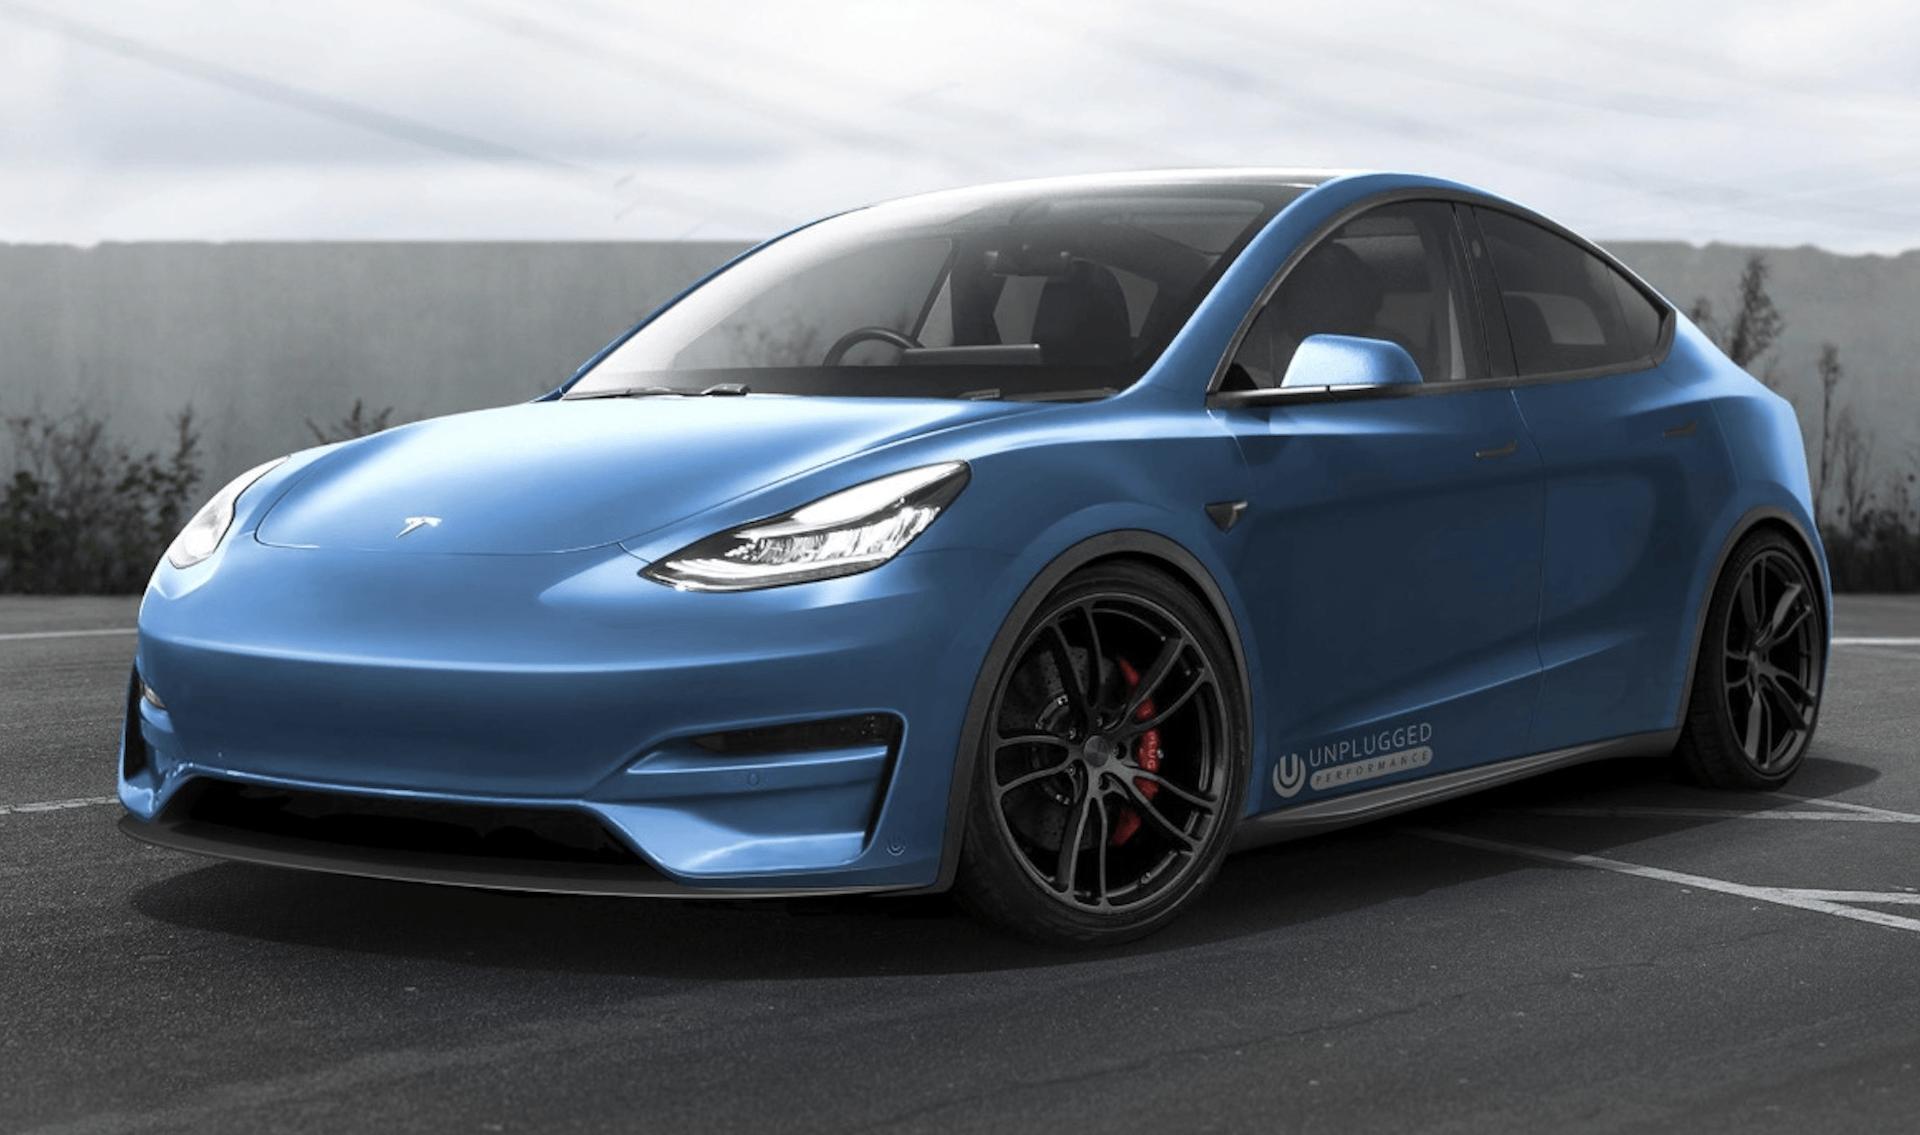 Le Tesla Model Y n'est pas sorti, mais les spécialistes du tuning préparent leurs concepts